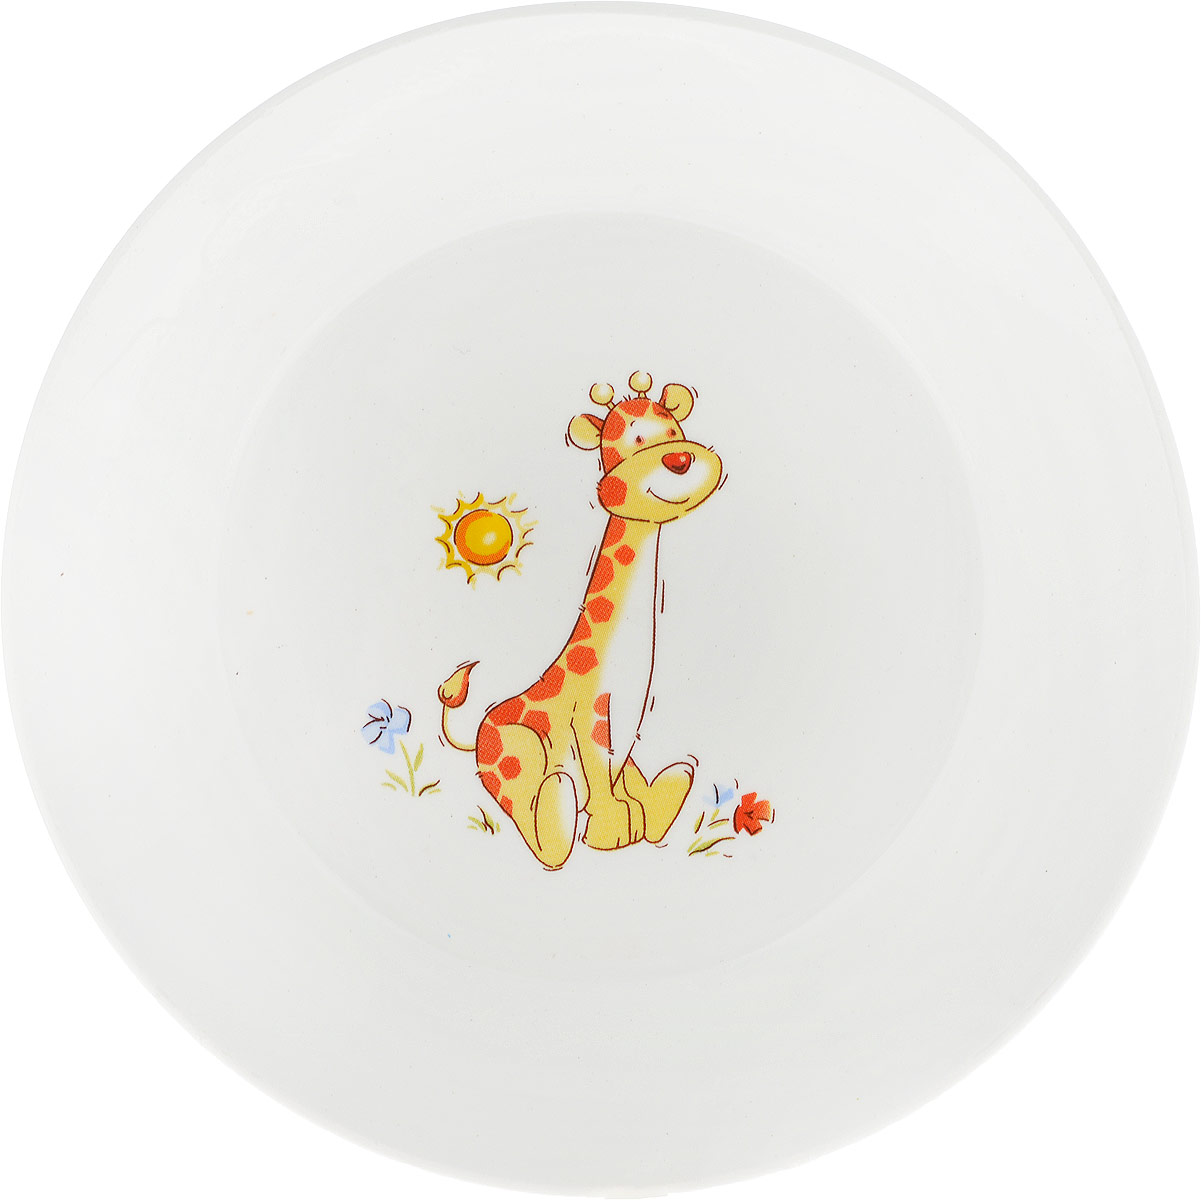 Кубаньфарфор Блюдце Зоопарк Жираф639/1Детское блюдце Кубаньфарфор Зоопарк: Жираф идеально подойдет для кормления малыша и самостоятельного приема пищи. Глубокое блюдце выполнена из фаянса, его высокие бортики обеспечат удобство кормления и предотвратят случайное проливание жидкой пищи.Яркое блюдца с красочным рисунком на дне непременно порадует малыша и сделает любой прием пищи приятным и веселым.